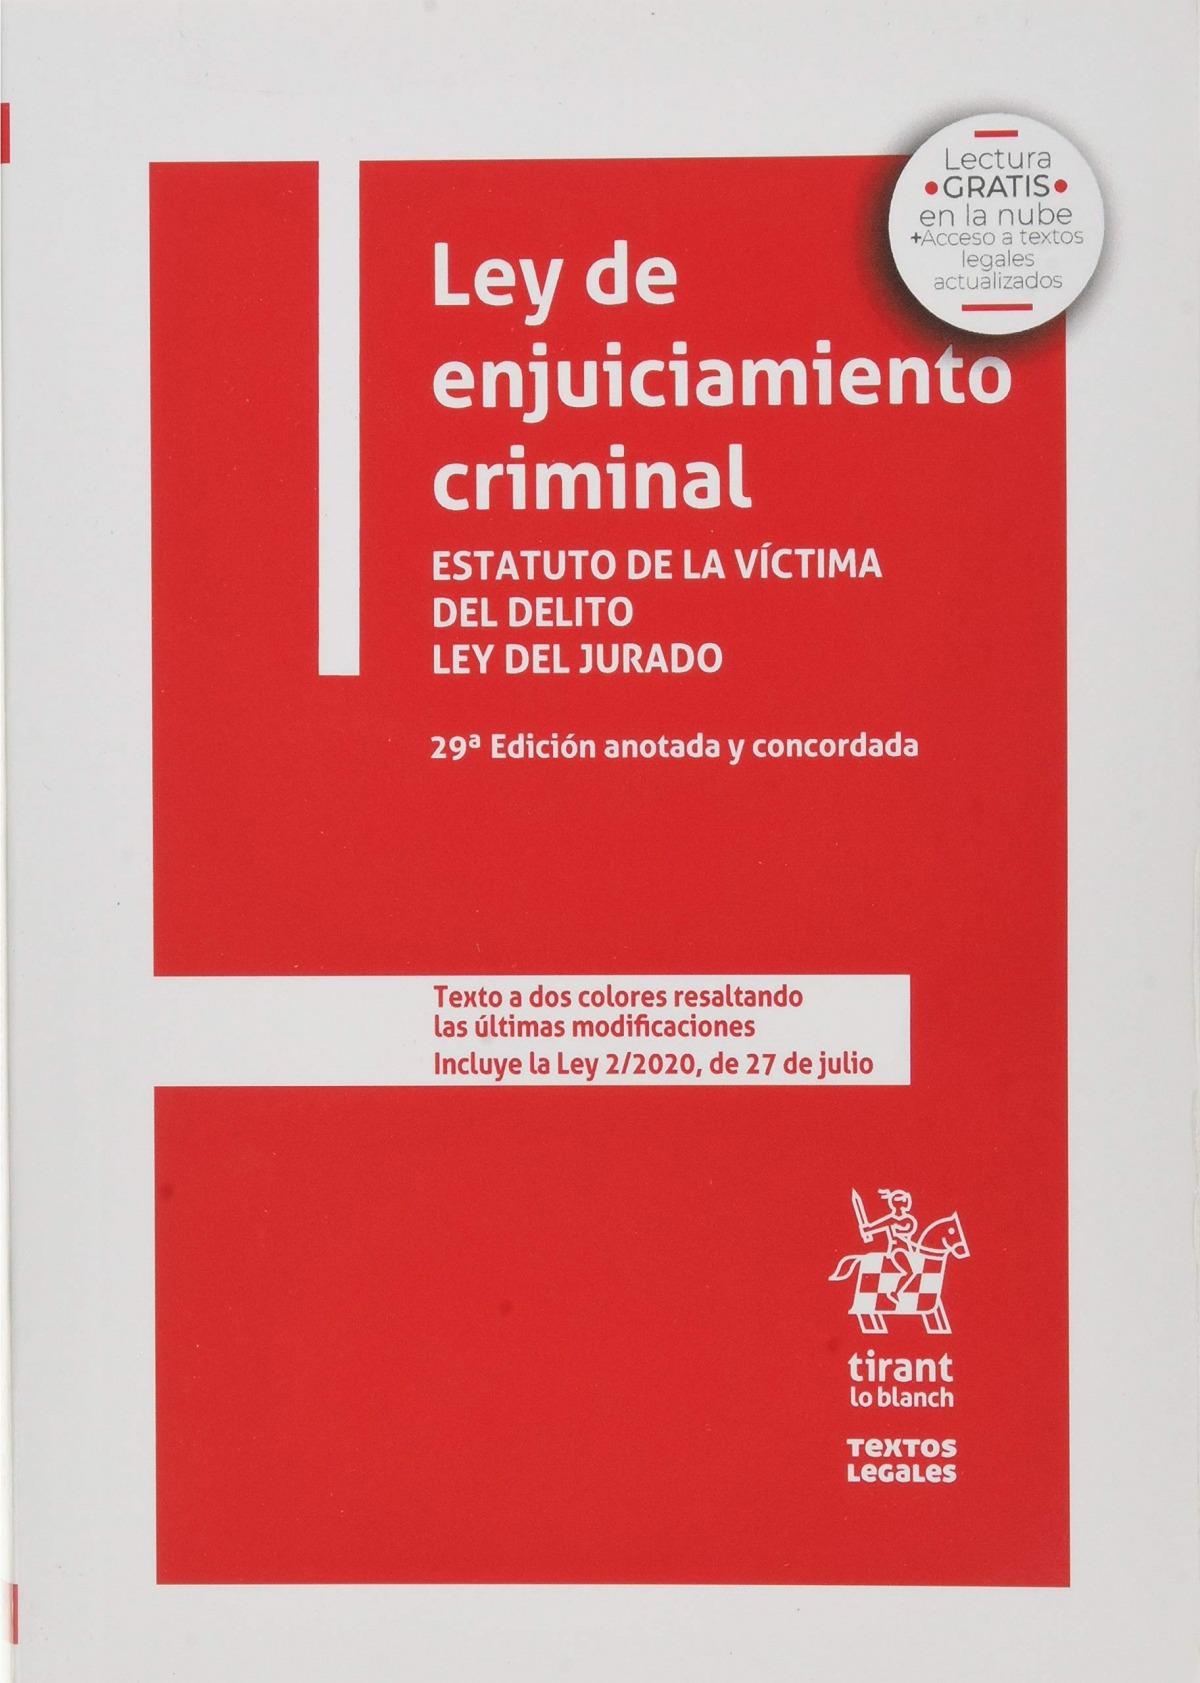 Ley de enjuiciamiento criminal. Estatuto de la V¡ctima del Delito 9788413557960